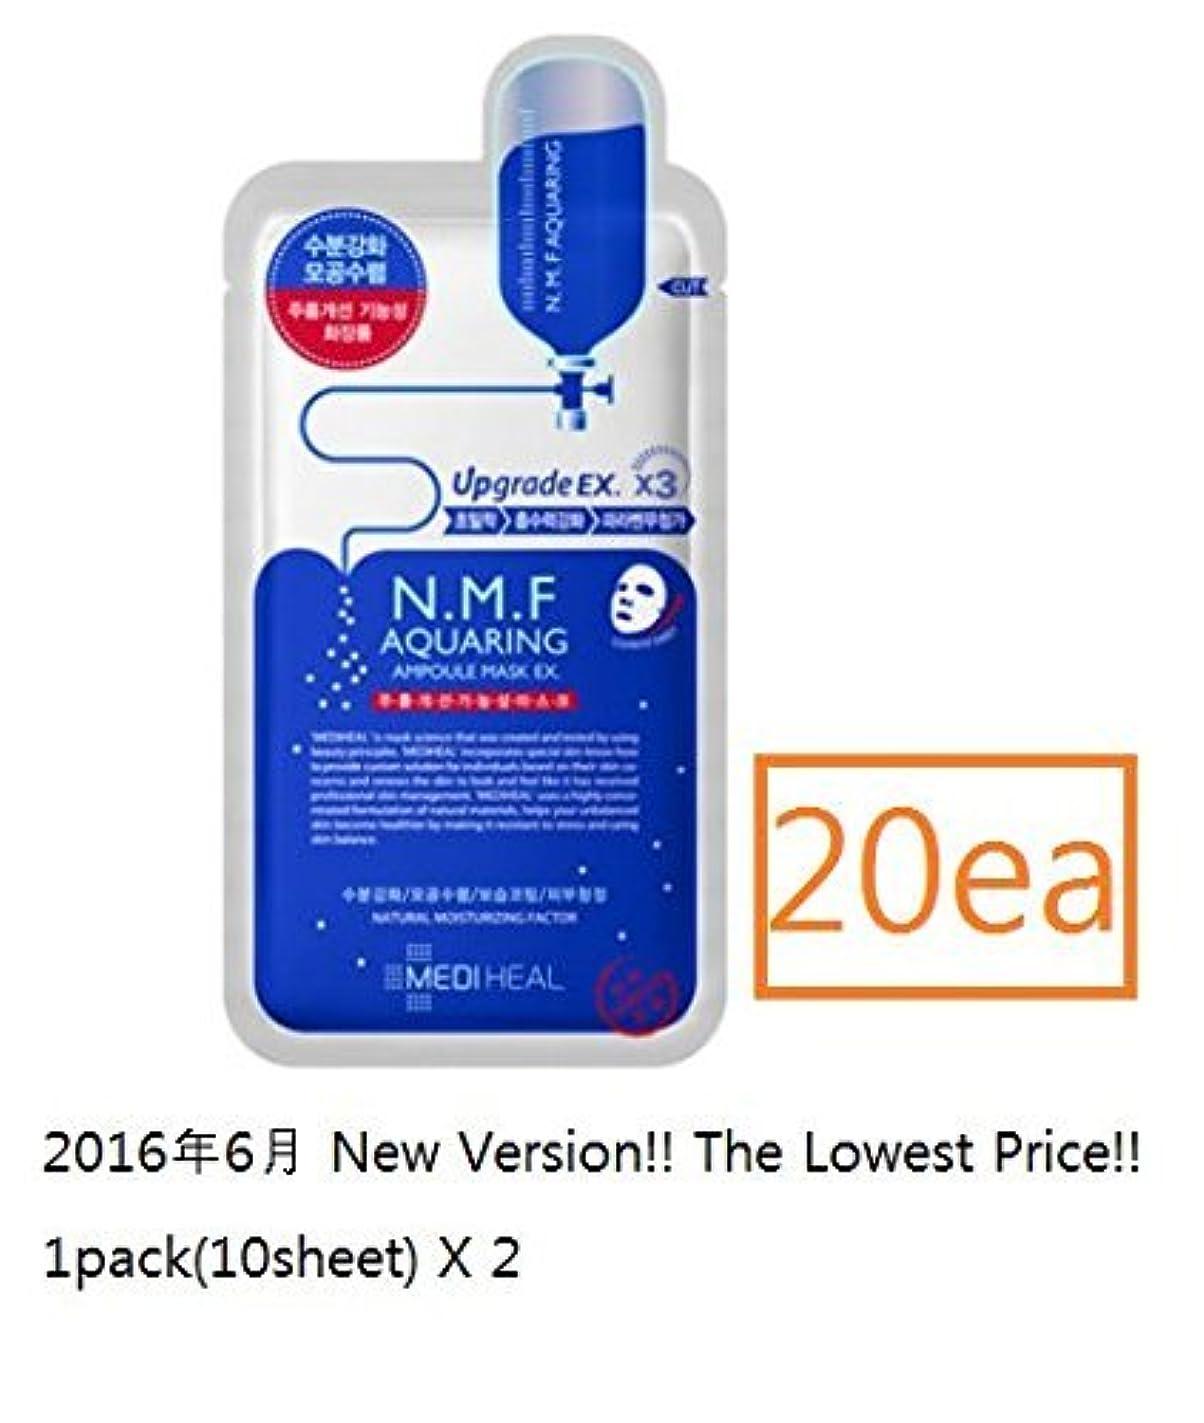 従者常に突破口Mediheal メディヒール N.M.F アクアリング アンプル?マスクパック 10枚入り*2 (Aquaring Ampoule Essential Mask Pack 1box(10sheet)*2 [並行輸入品]